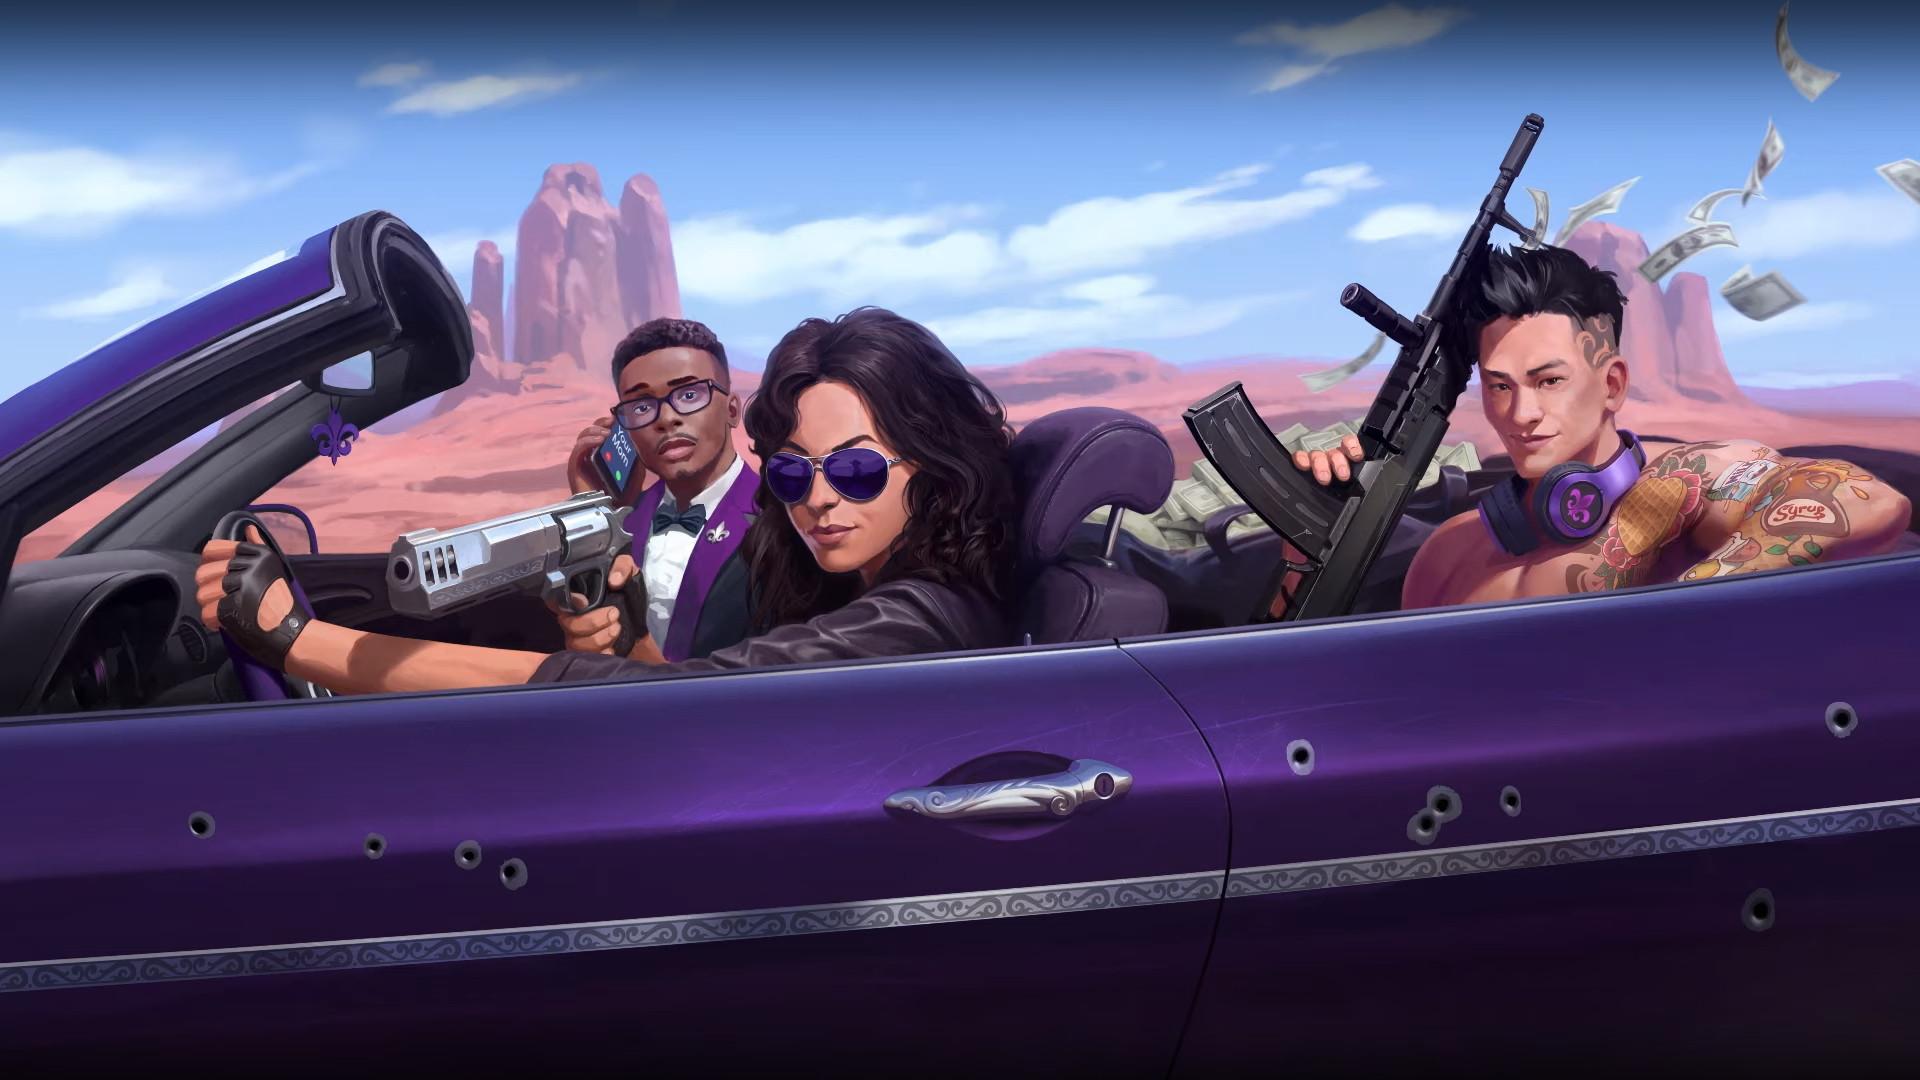 Нарастание фиолетового, многослойная кастомизация и полицейские сводки о главных персонажах — подробности о новой Saints Row